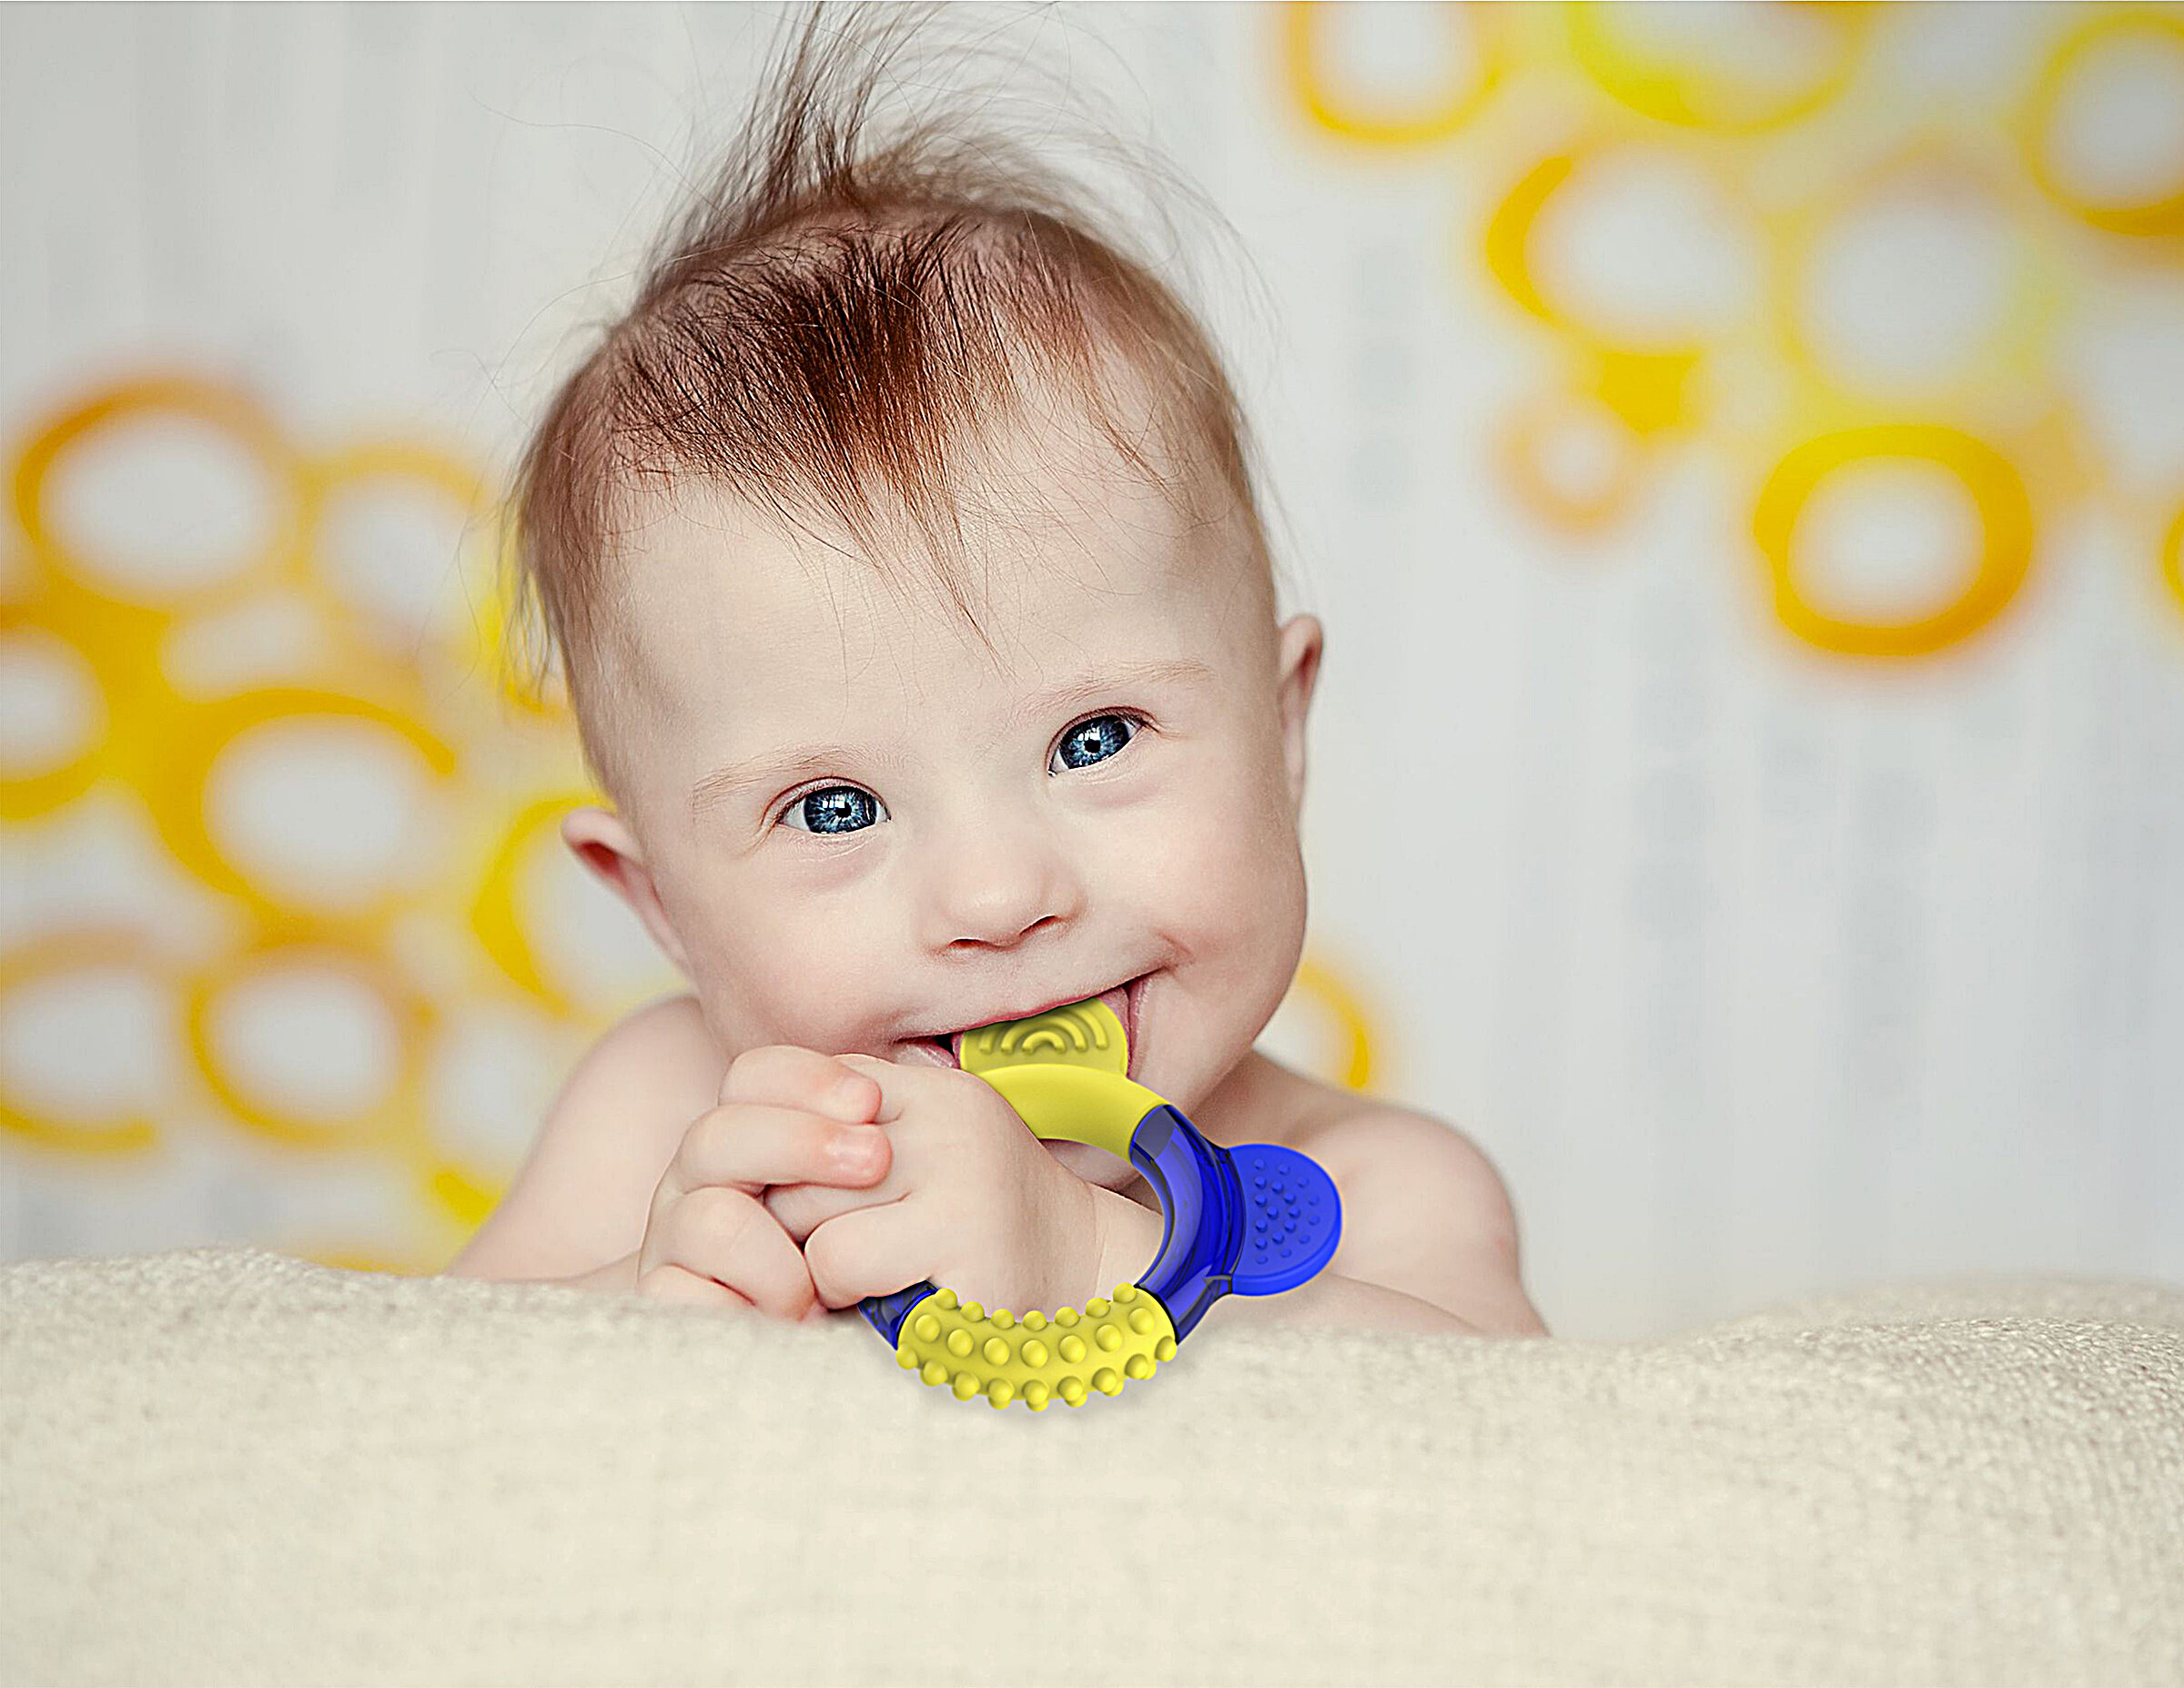 Kiefer-Stärkung der Beißring wurde speziell für Kinder mit Down-Syndrom